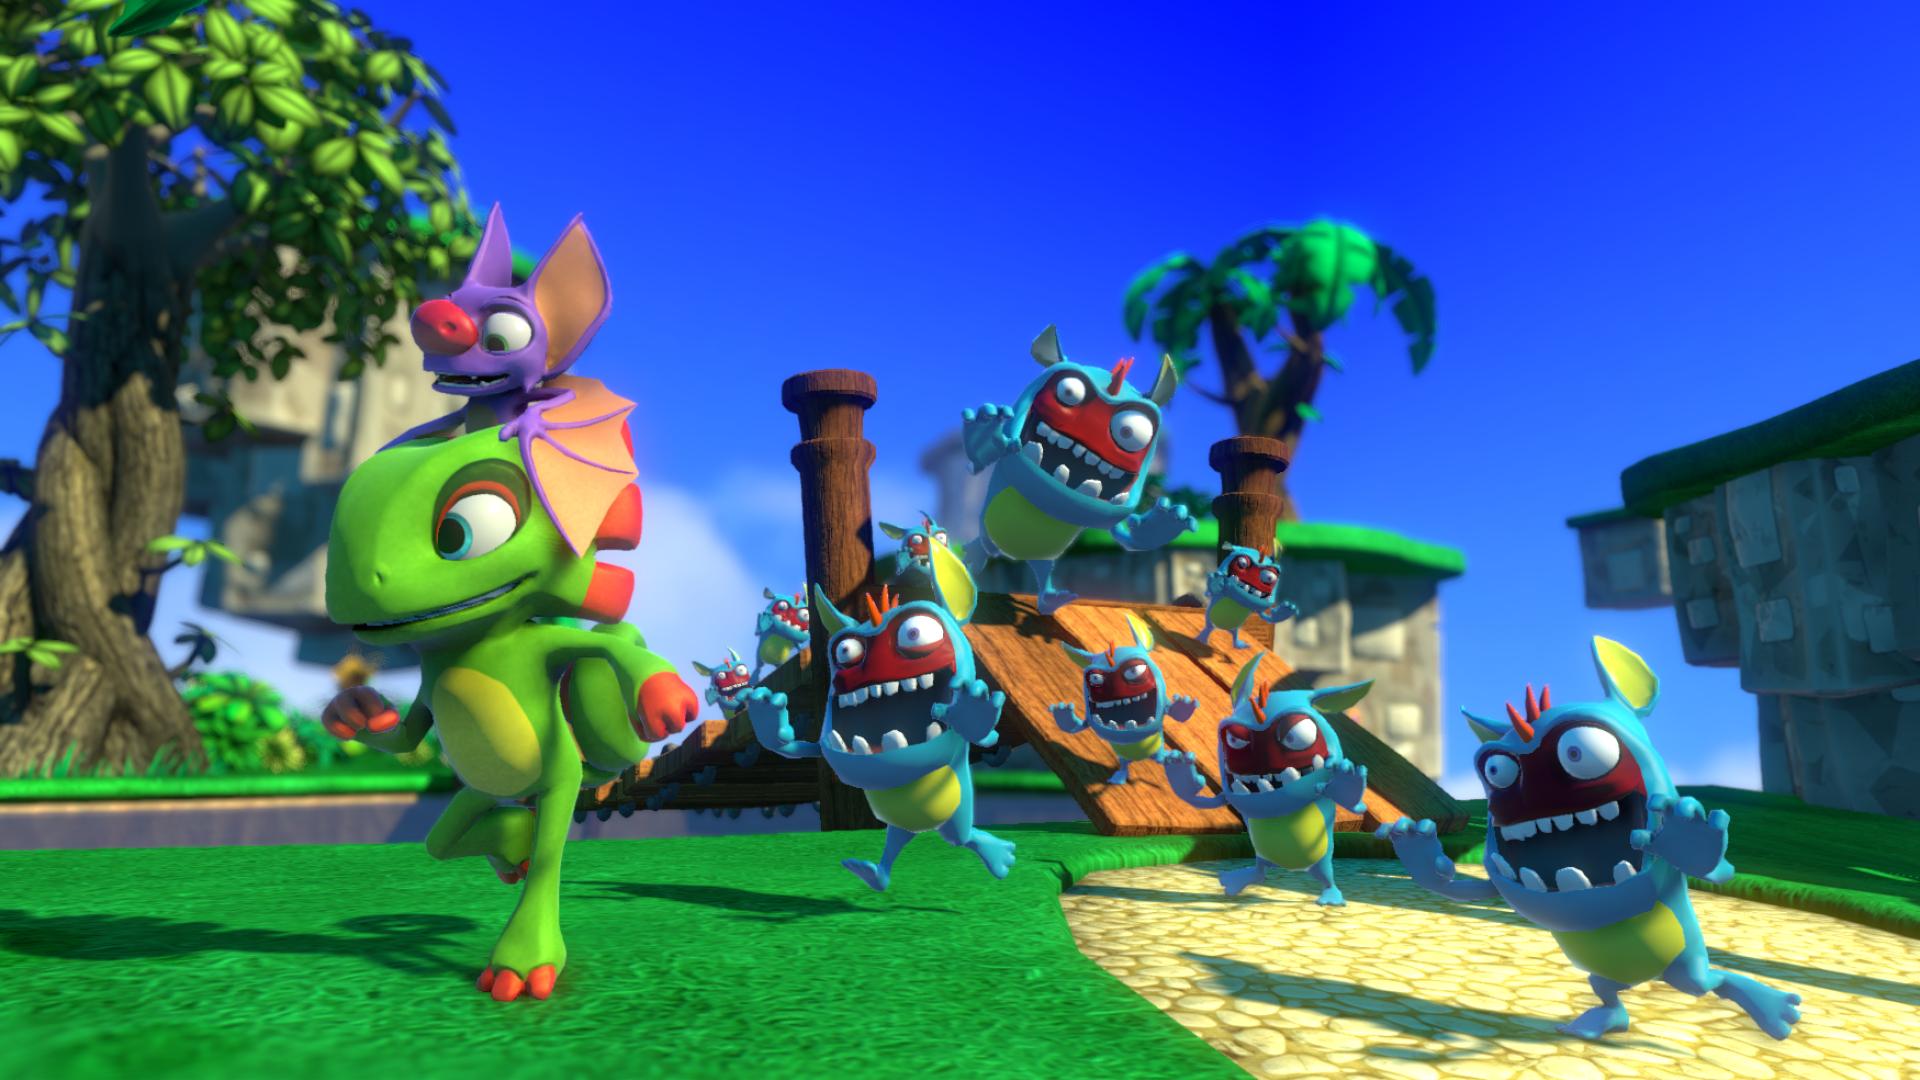 Whimsical Yooka Laylee Debuting At E3 2016 Best Indie Games Banjo Kazooie Banjo